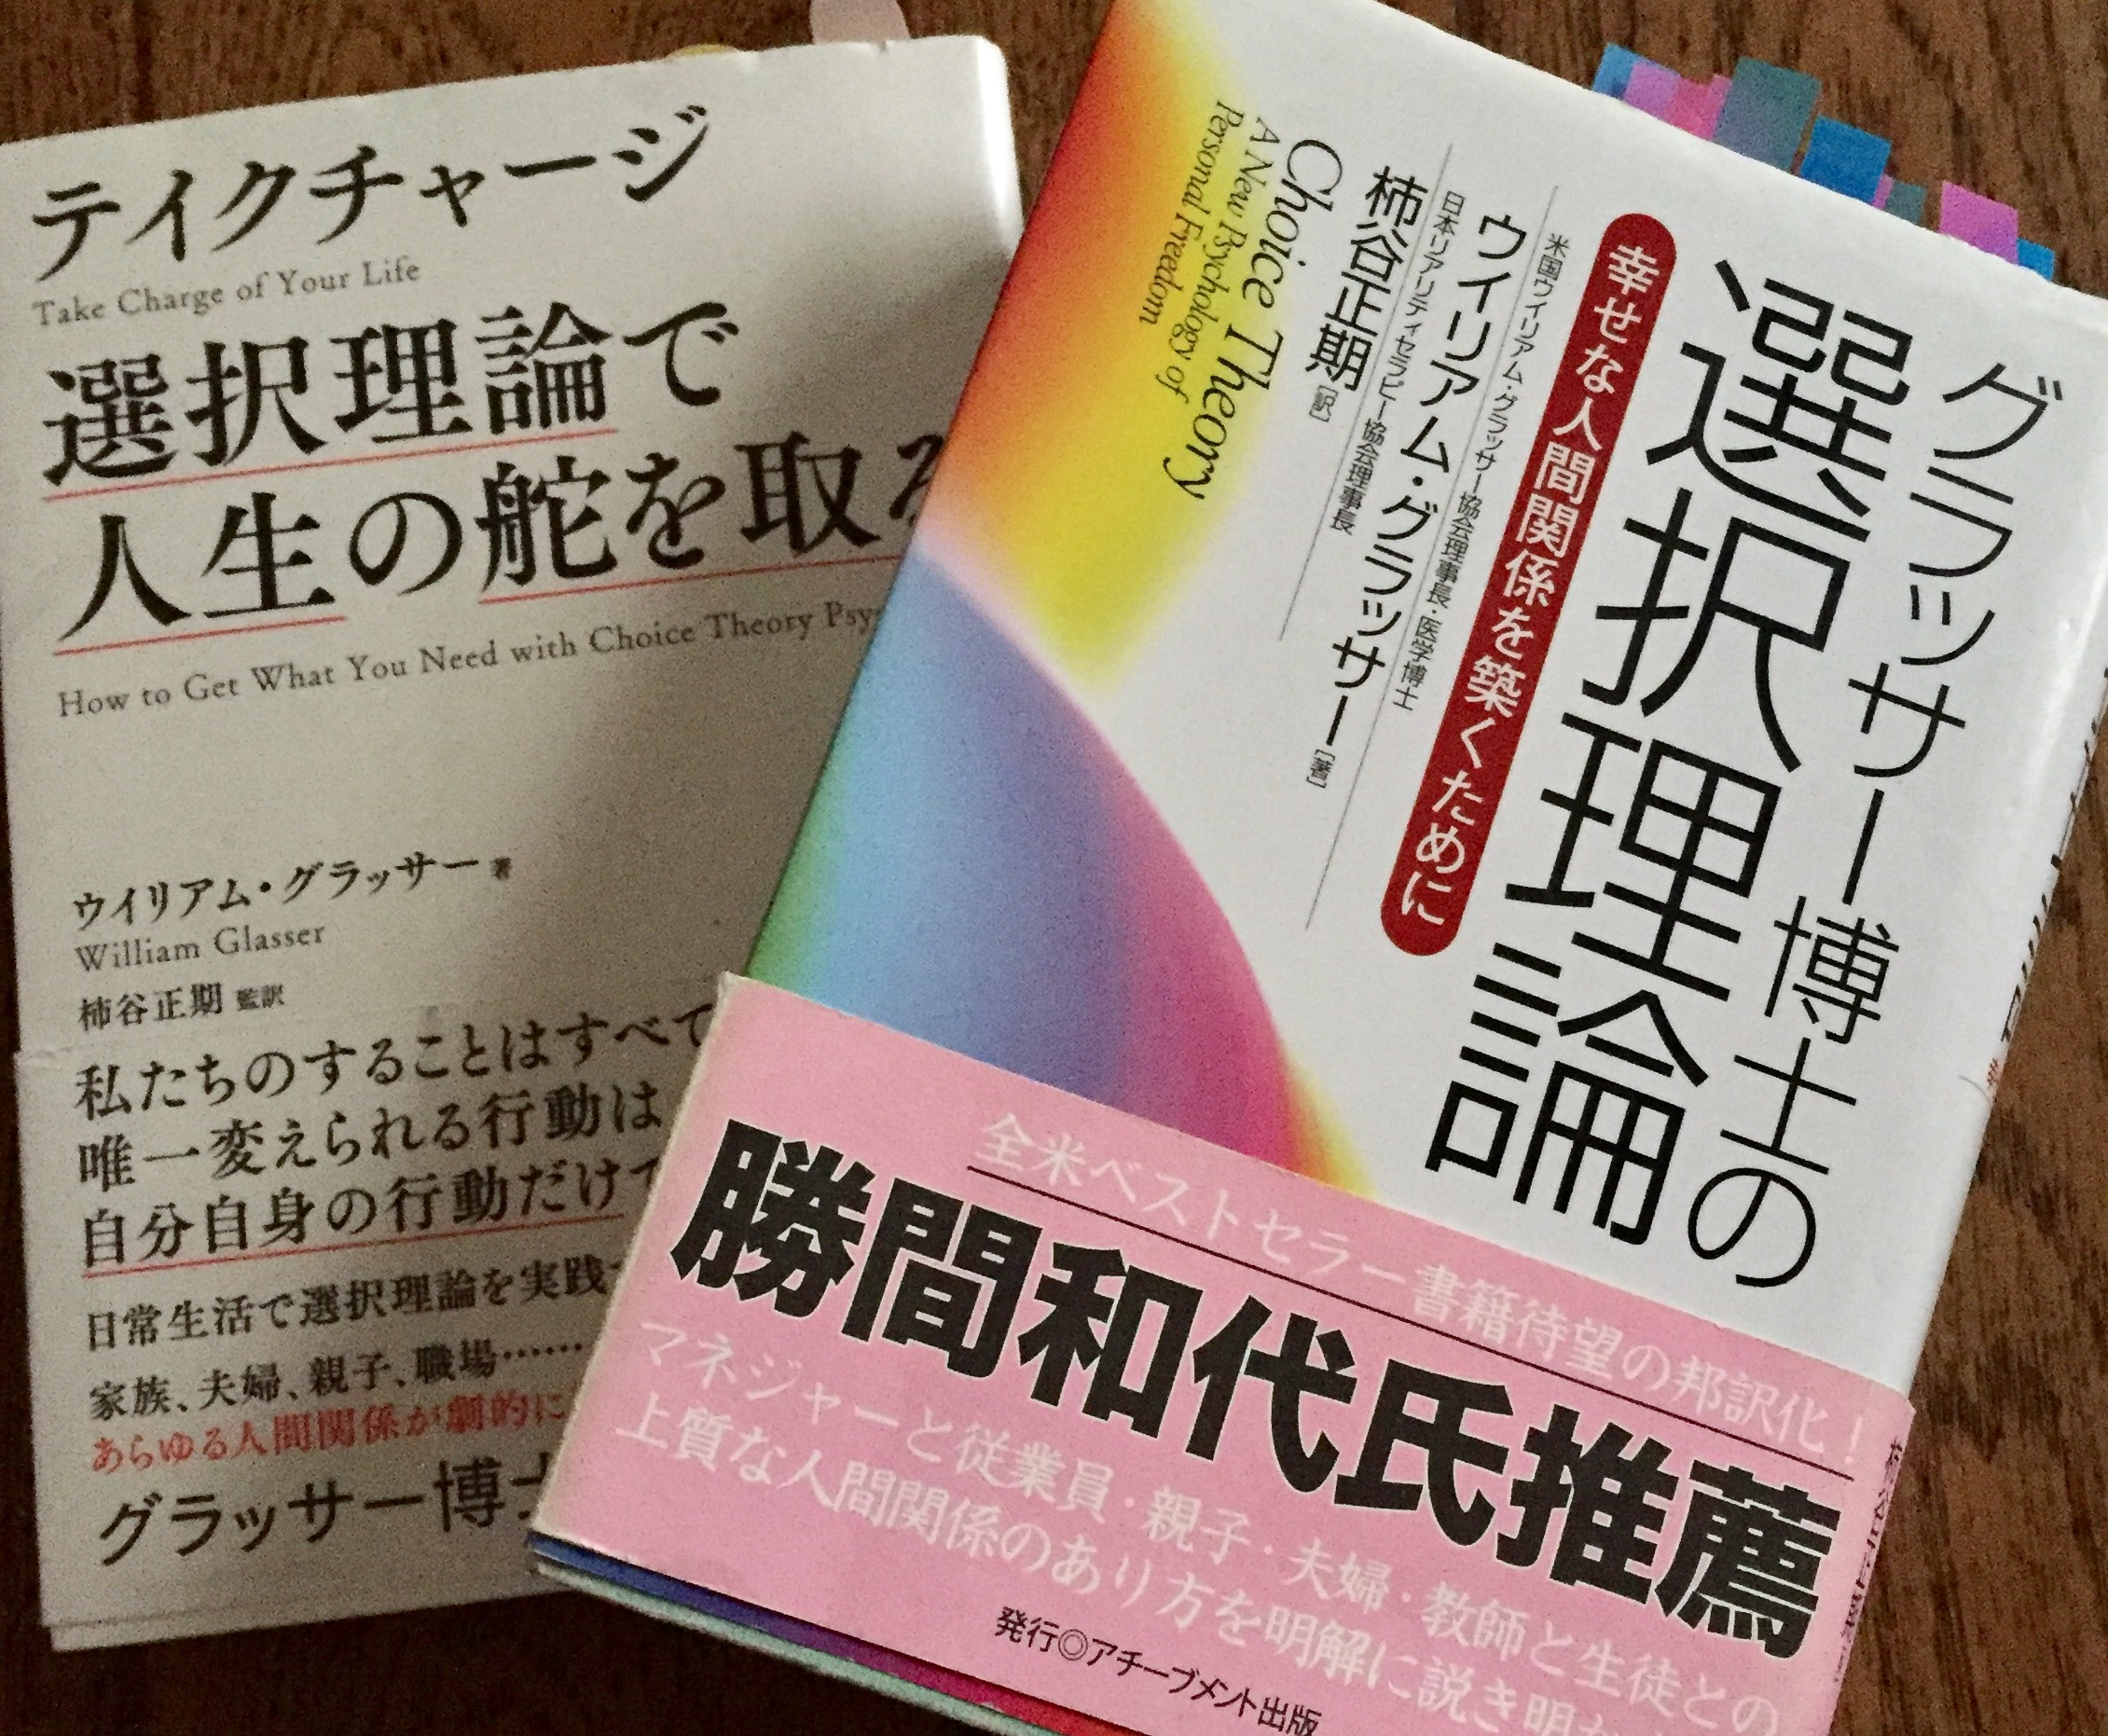 選択理論心理学 本